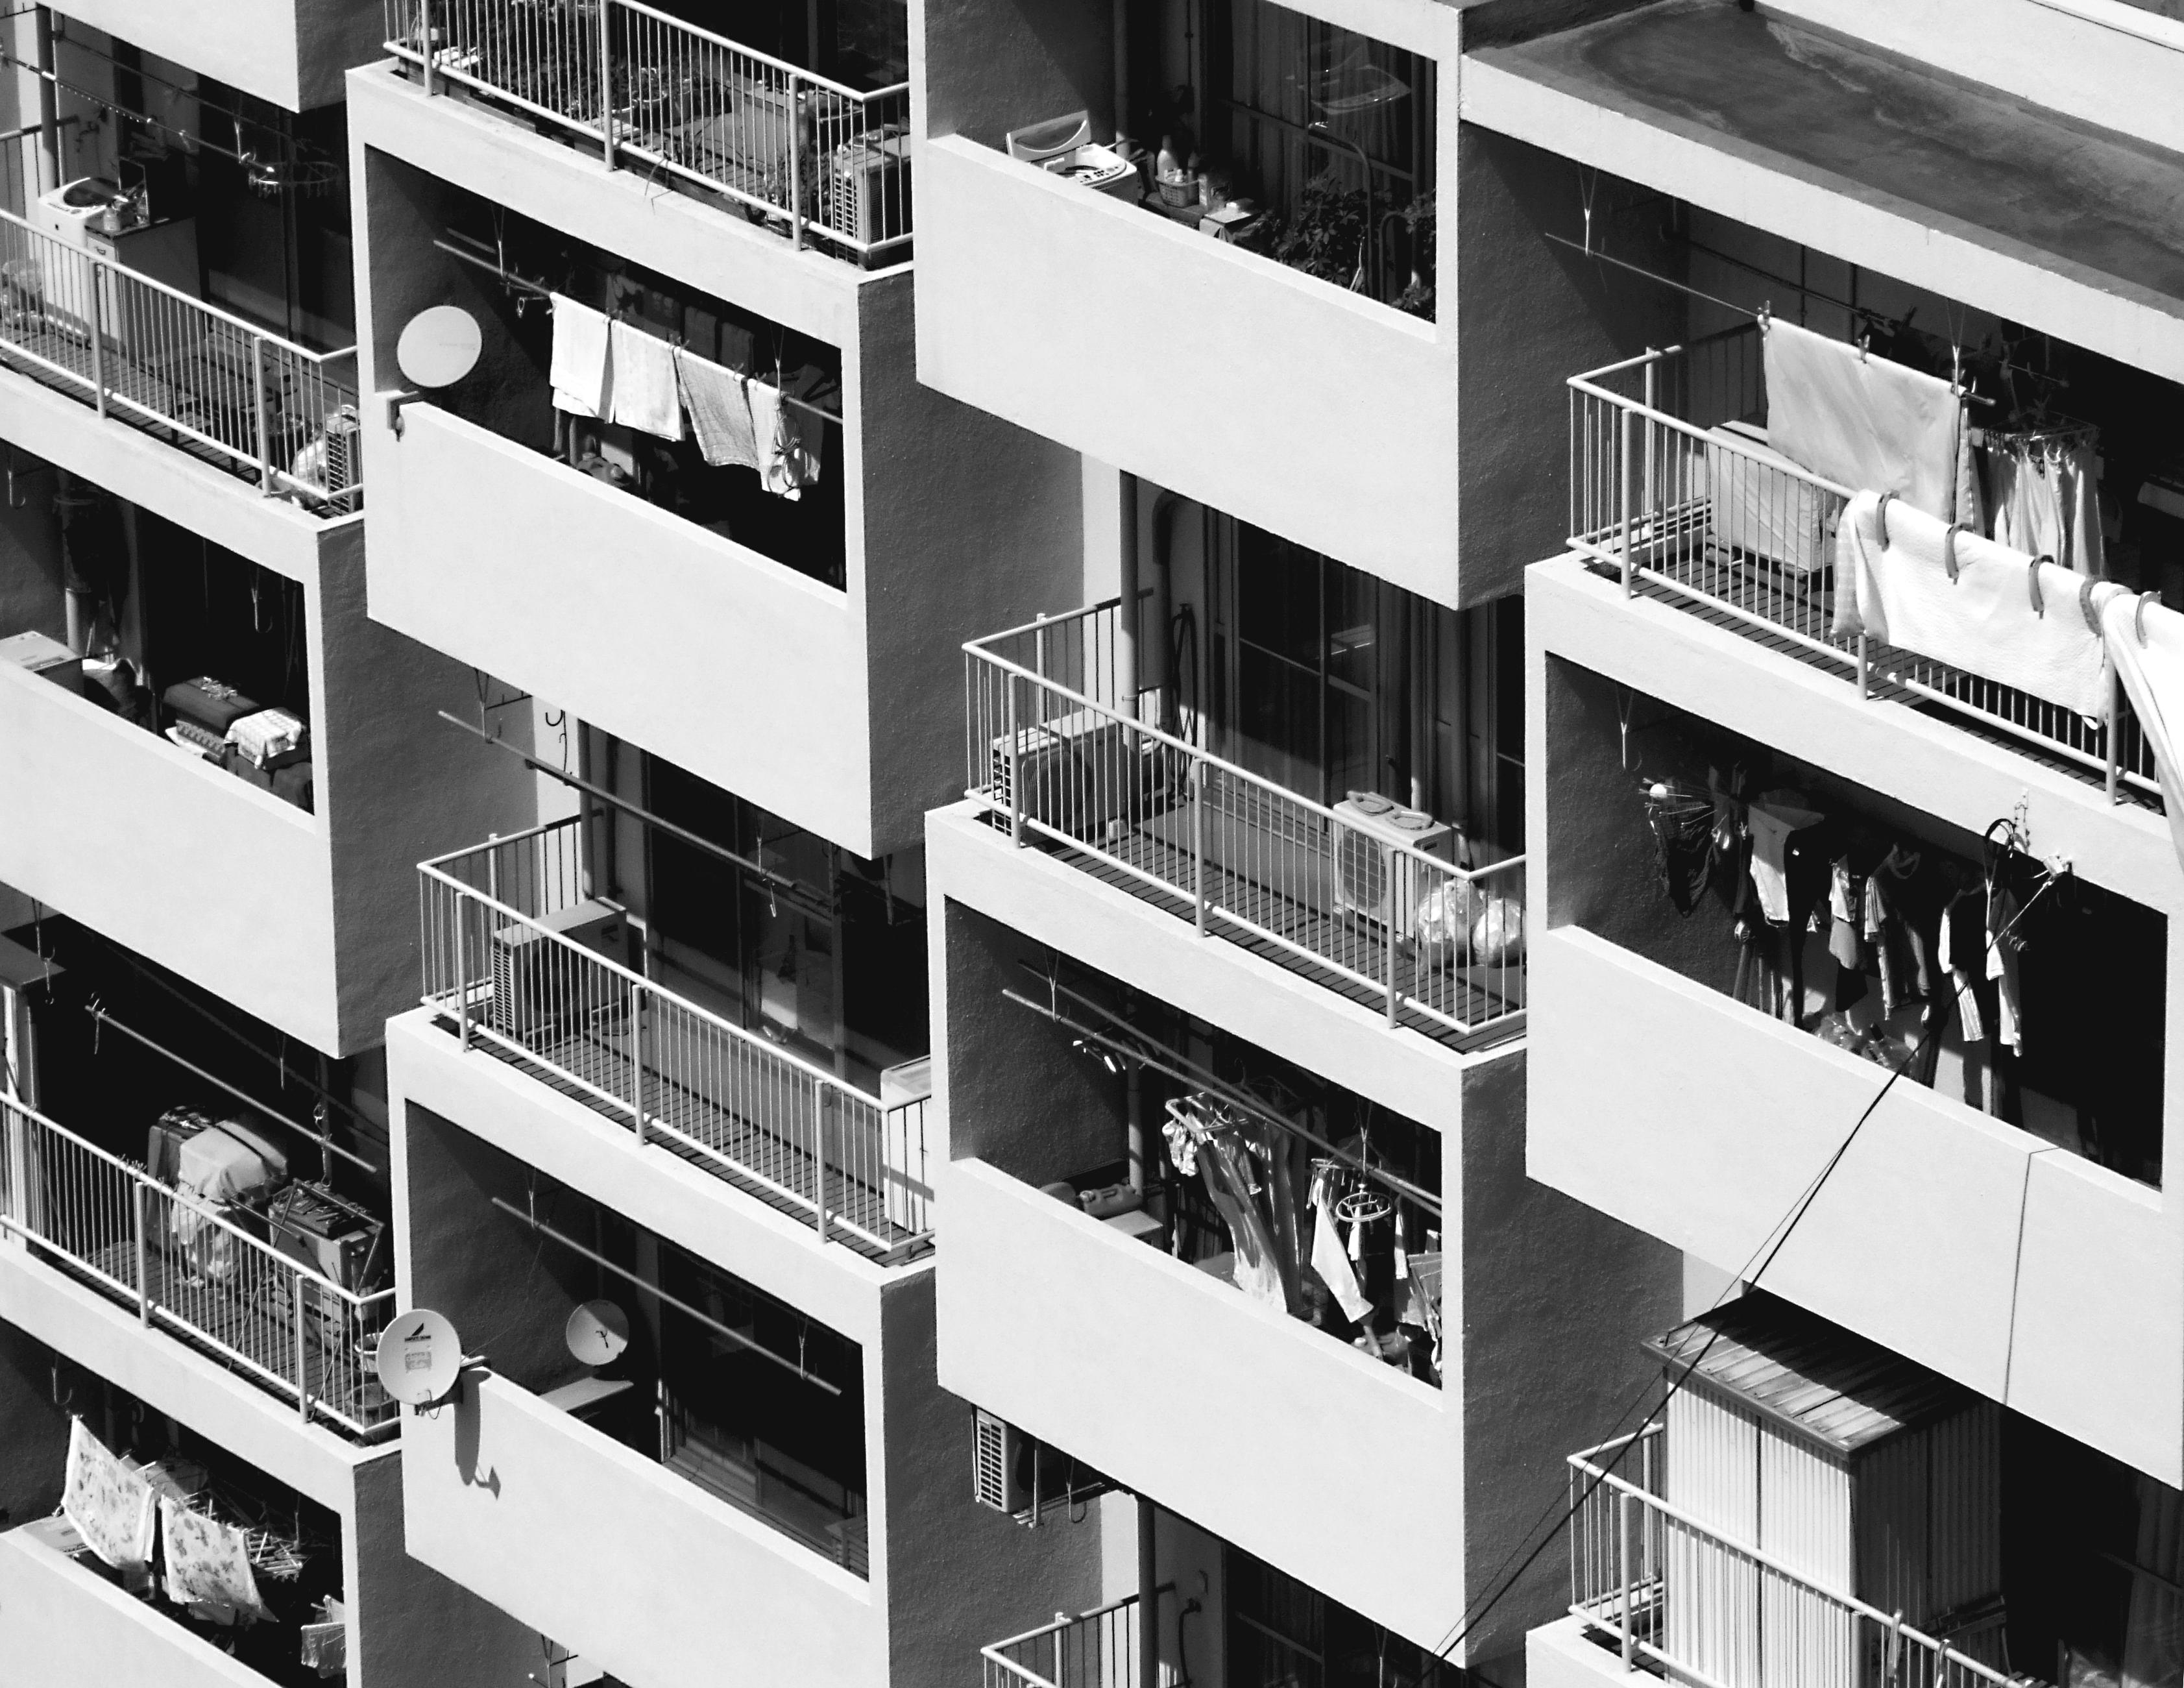 Stát podpoří garancemi výstavbu nájemních bytů